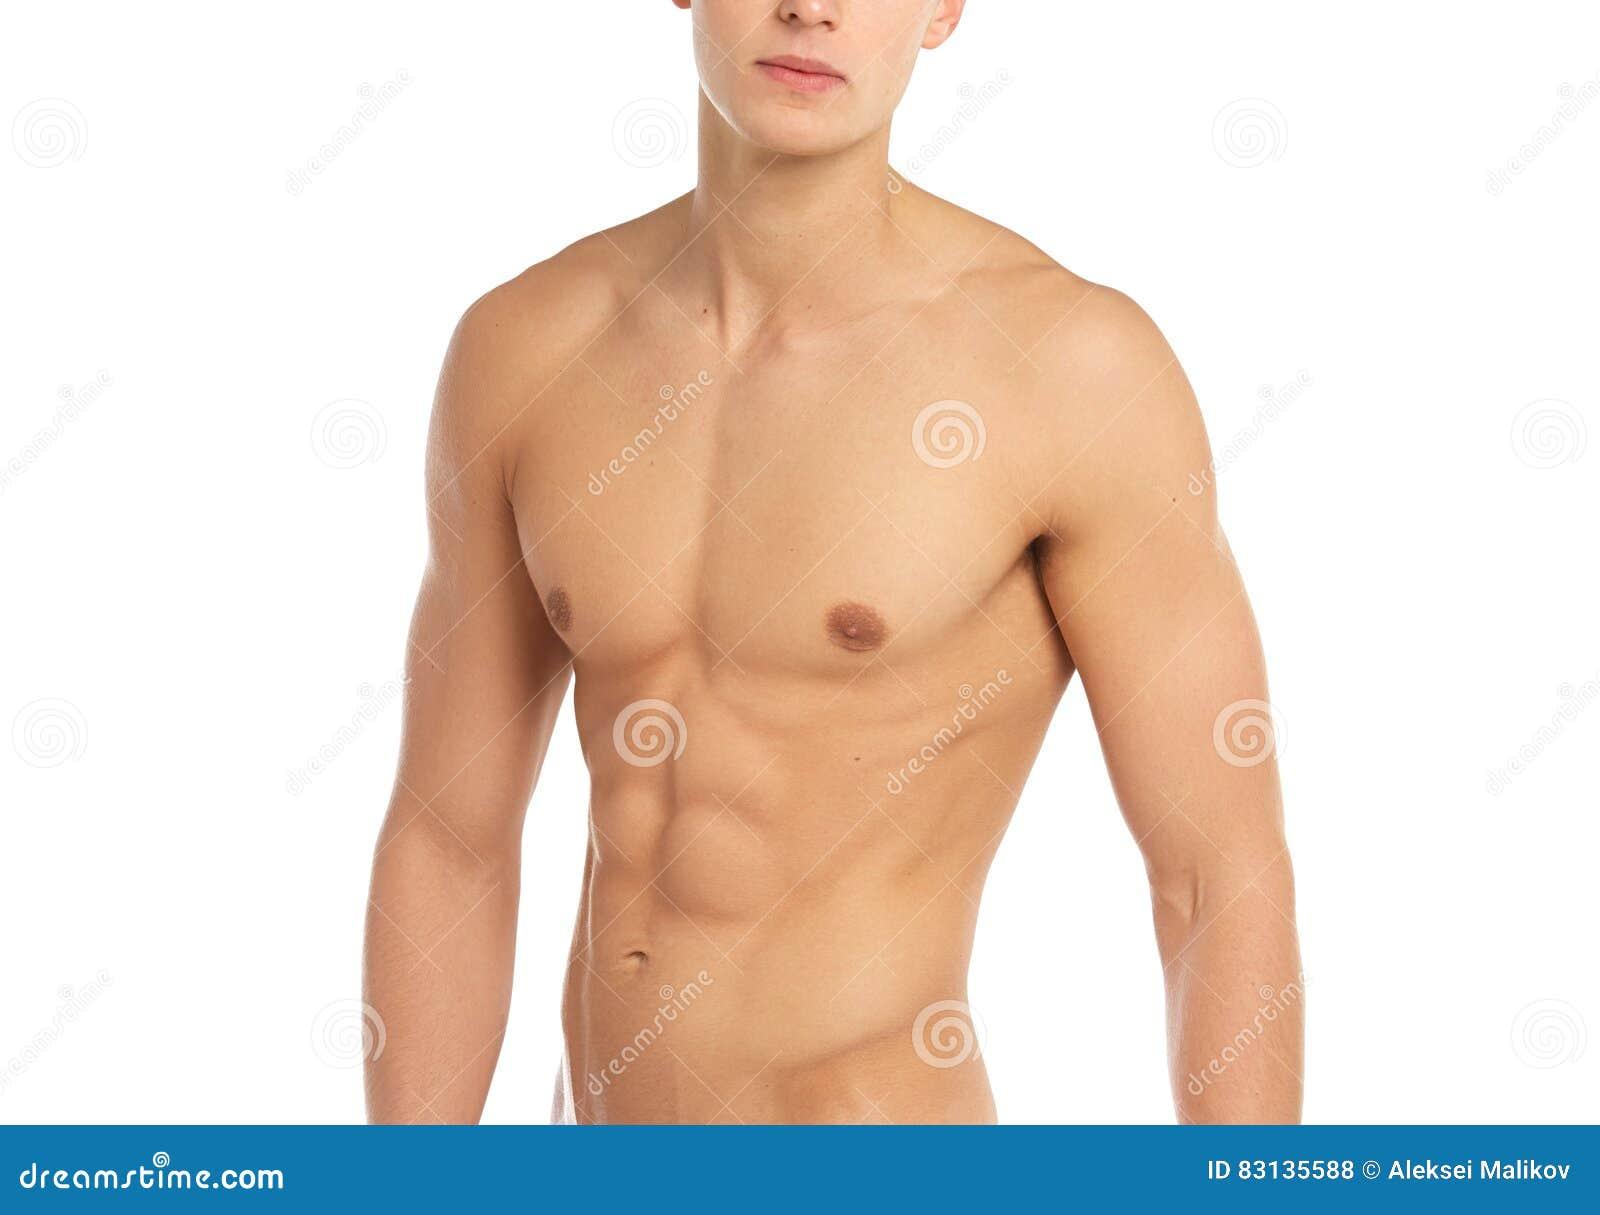 Deportes Y Tema De La Aptitud: Situación Muscular Deportiva Desnuda ...